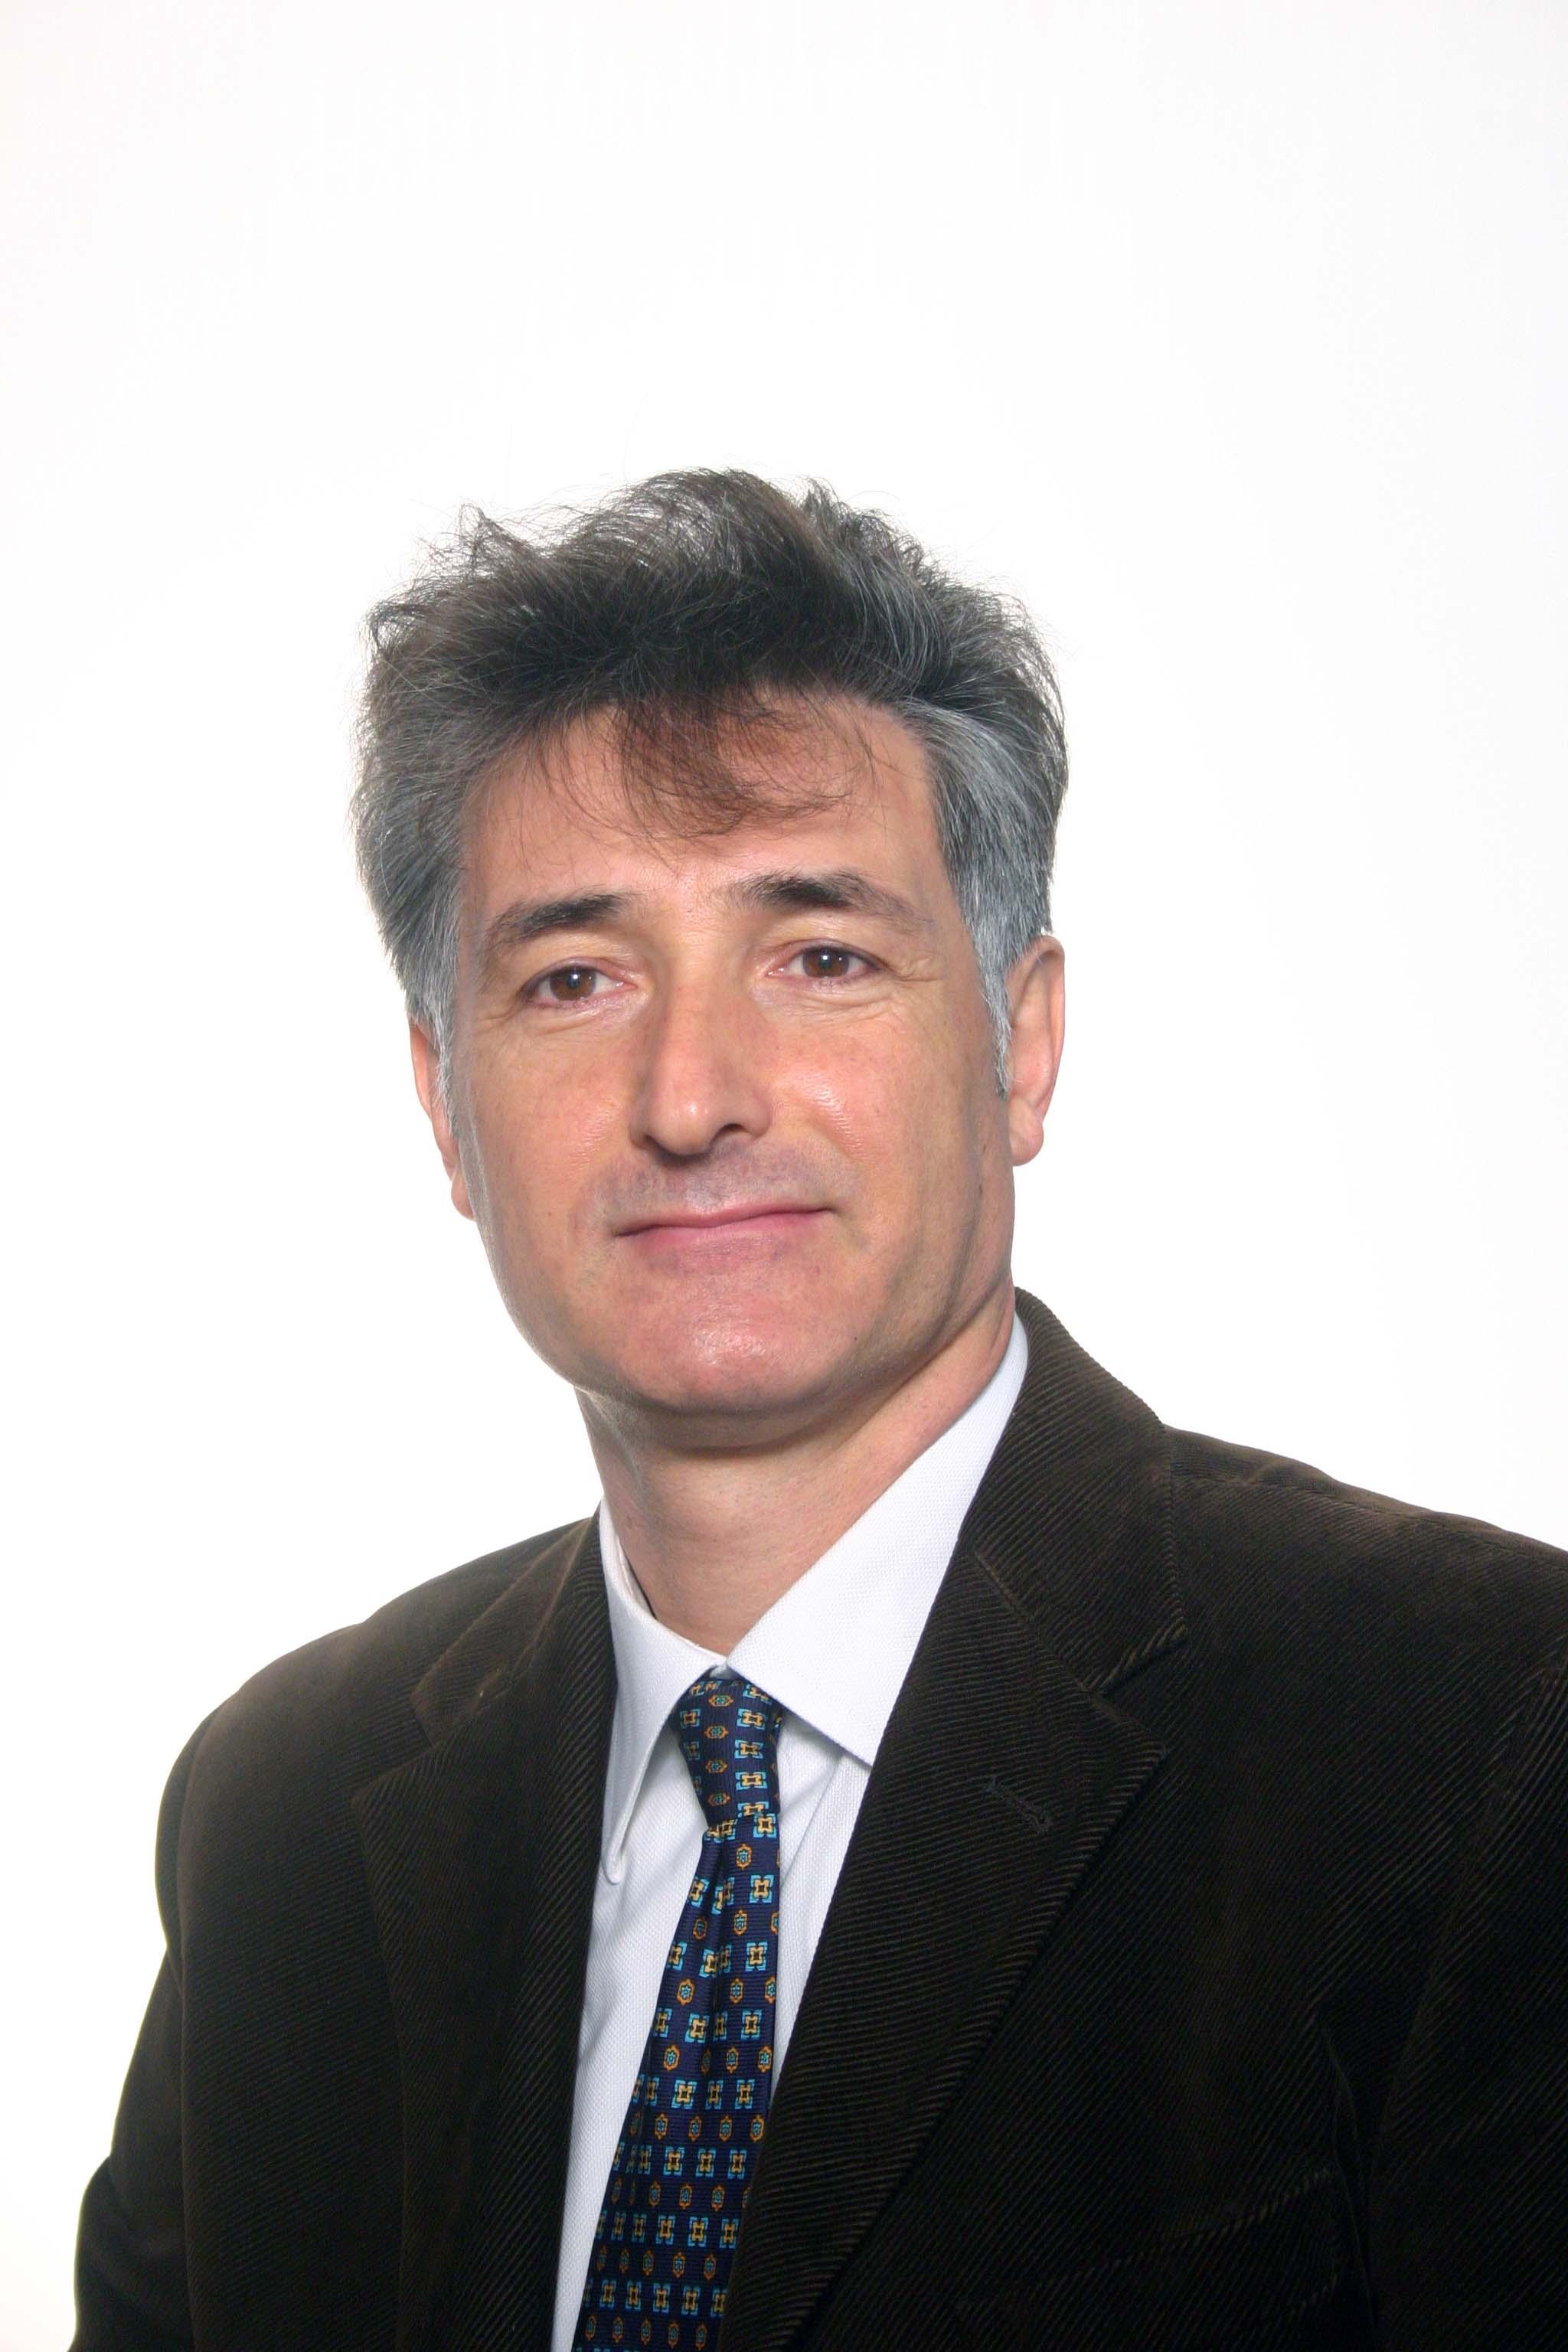 Giuseppe Calamita